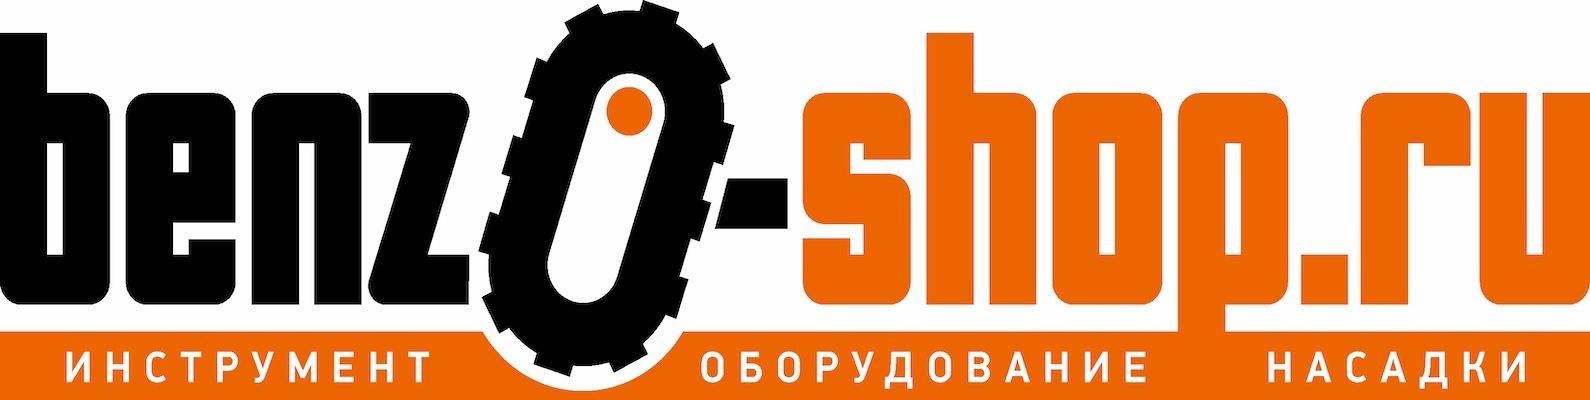 Поинт Интернет Магазин Симферополь